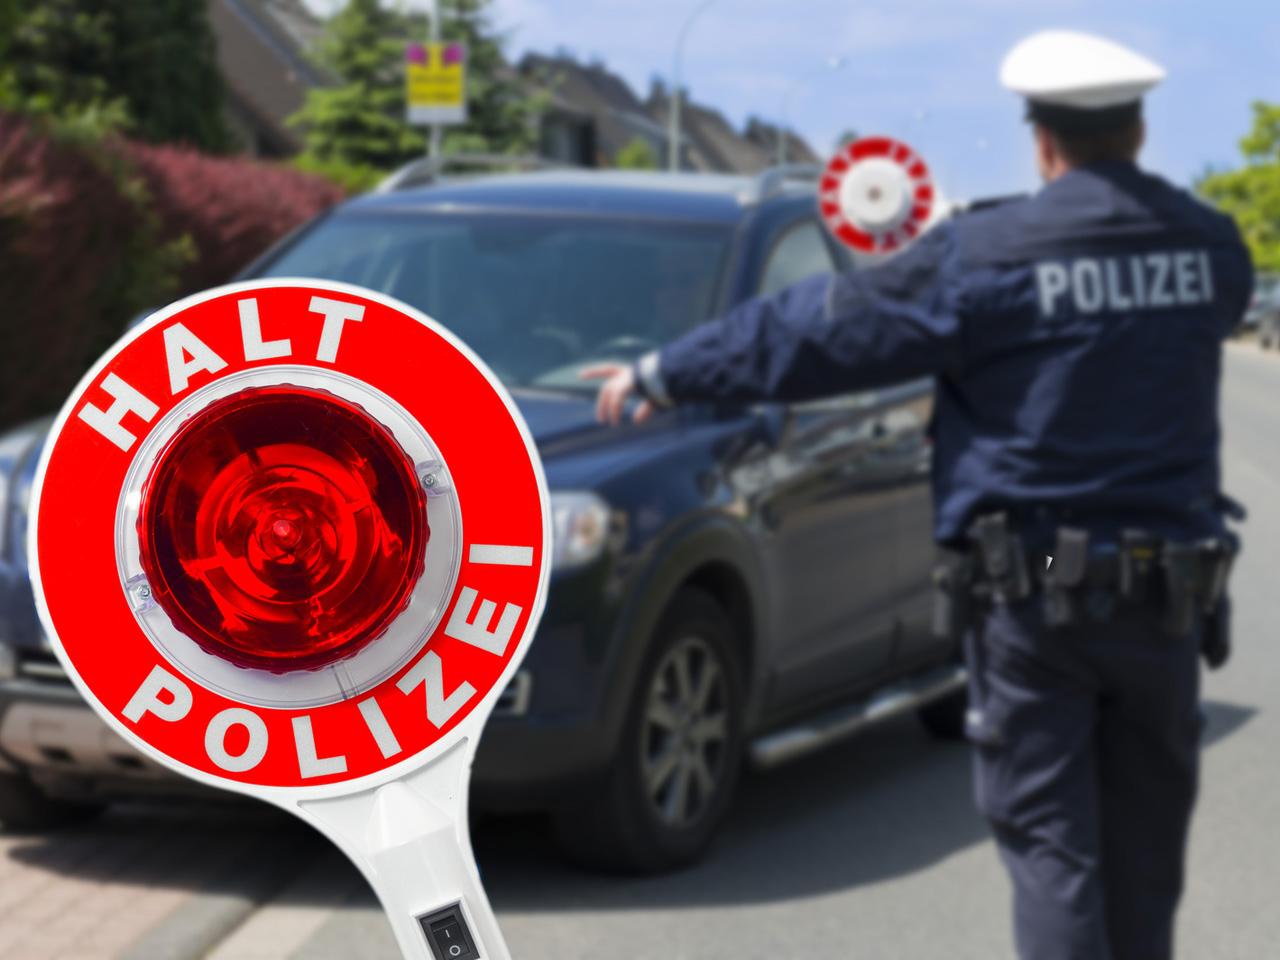 Rechte in der Polizeikontrolle